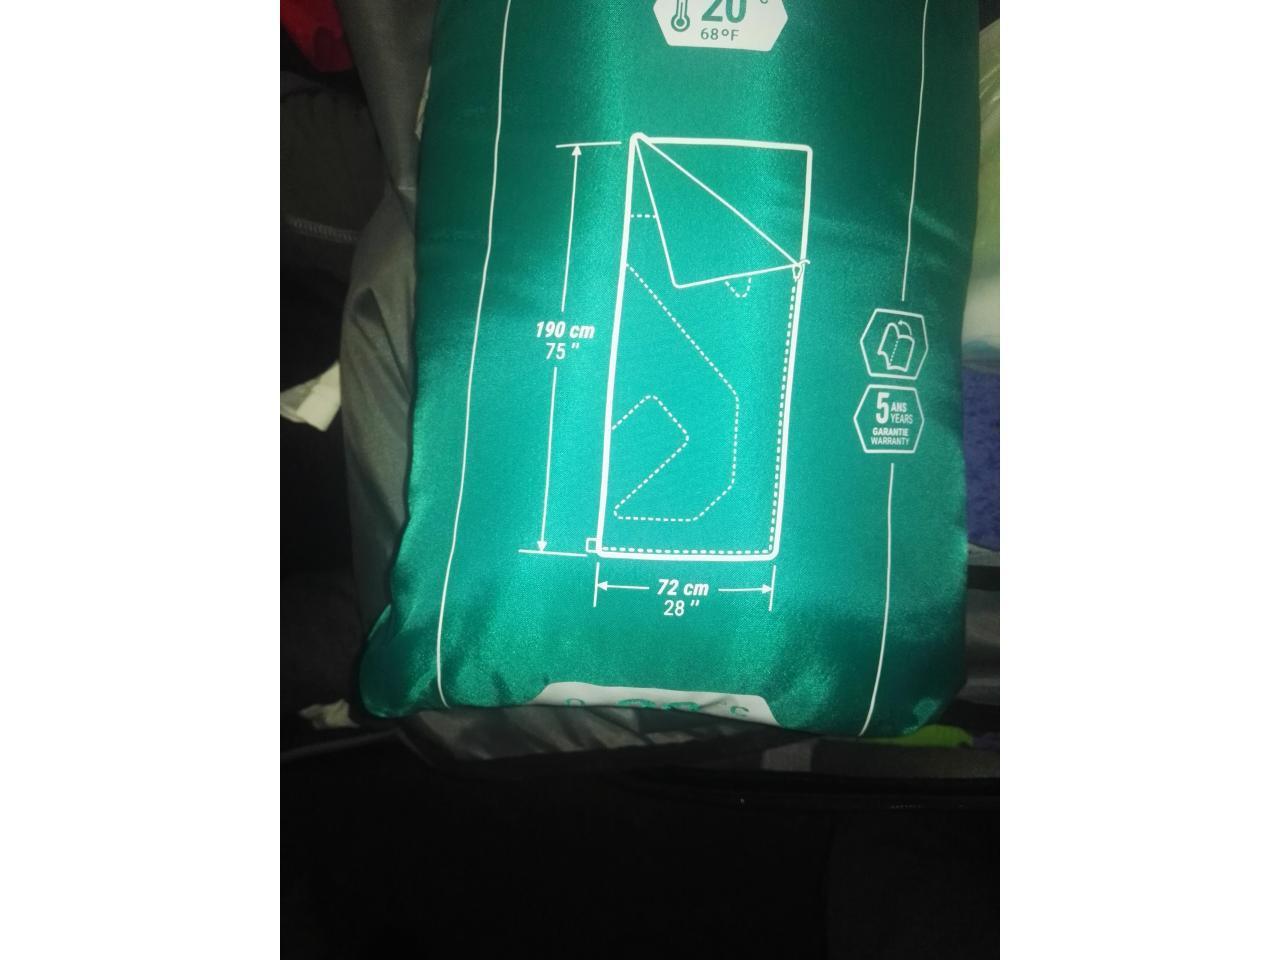 Дорожная сумка- ручная кладь,2 рабочие сапоги, спальный мешок, постельный комплект - 12